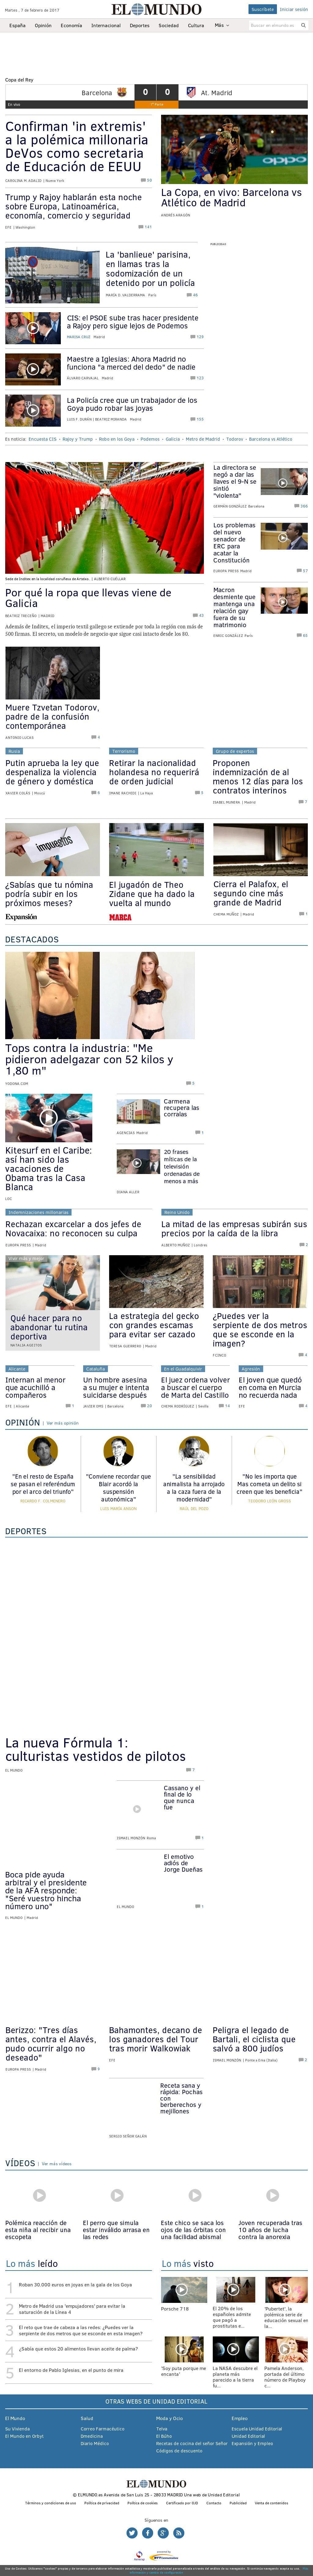 El Mundo at Tuesday Feb. 7, 2017, 8:12 p.m. UTC